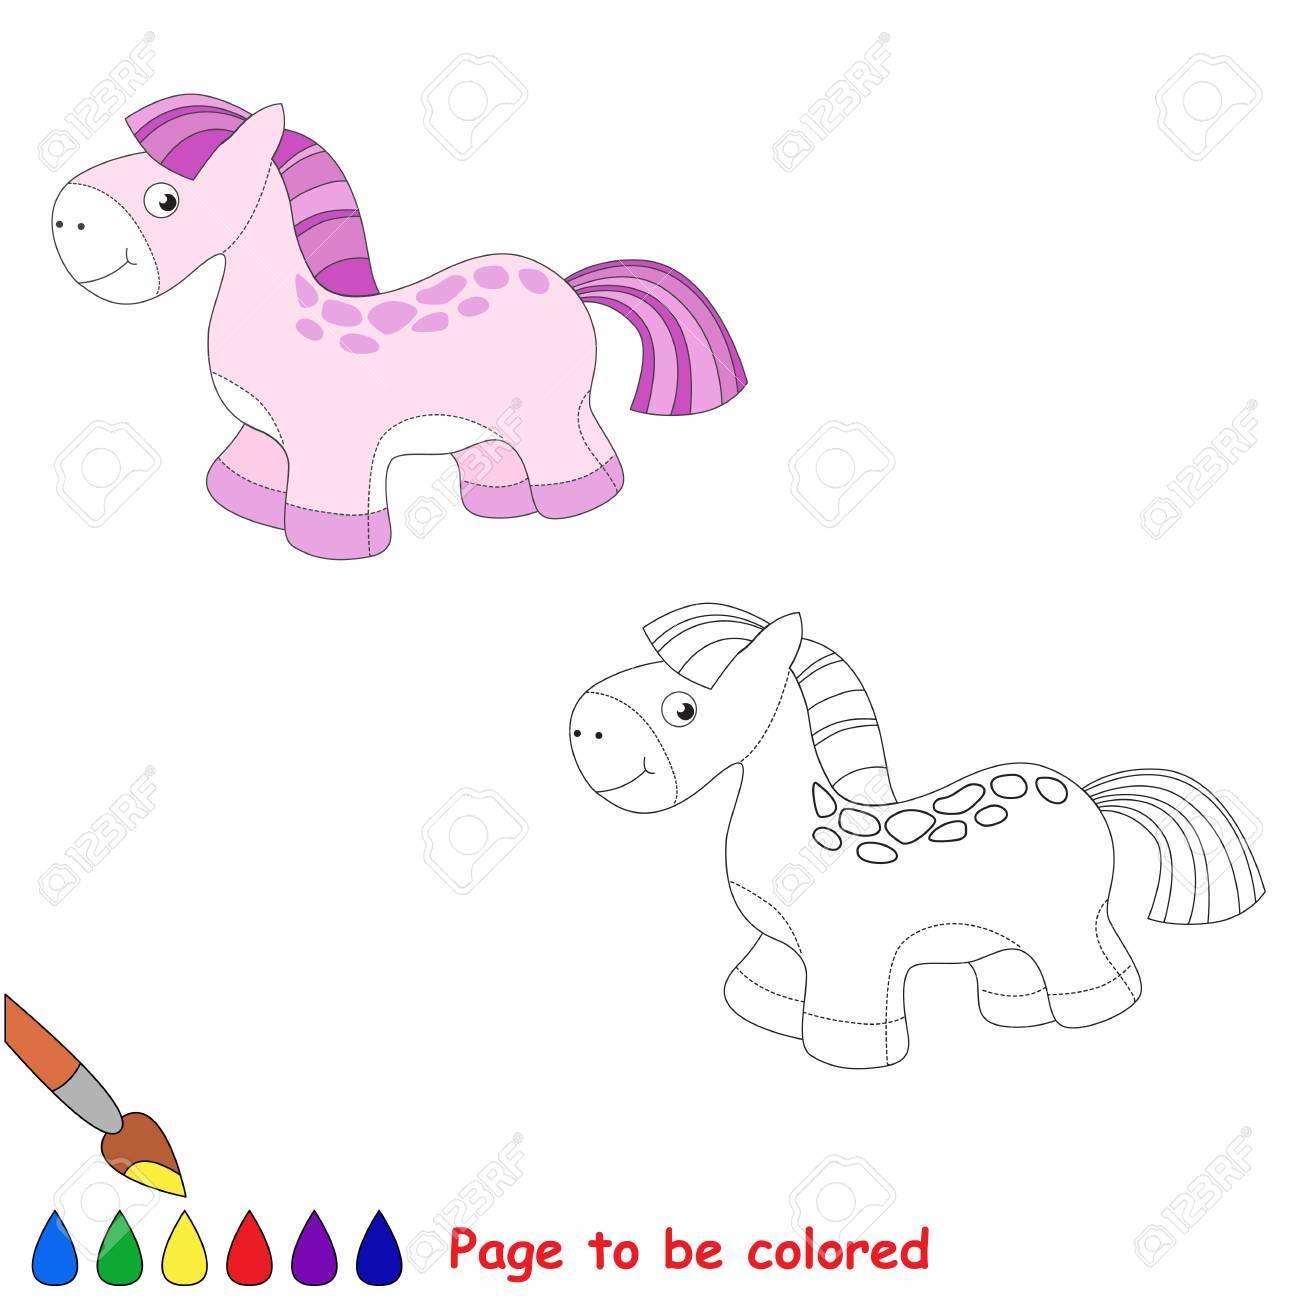 Caballo De Juguete Bebé Equina Chica De Color Rosa Juego De Niños Libro De Colorear Tarea A Color Para Los Niños Jugando